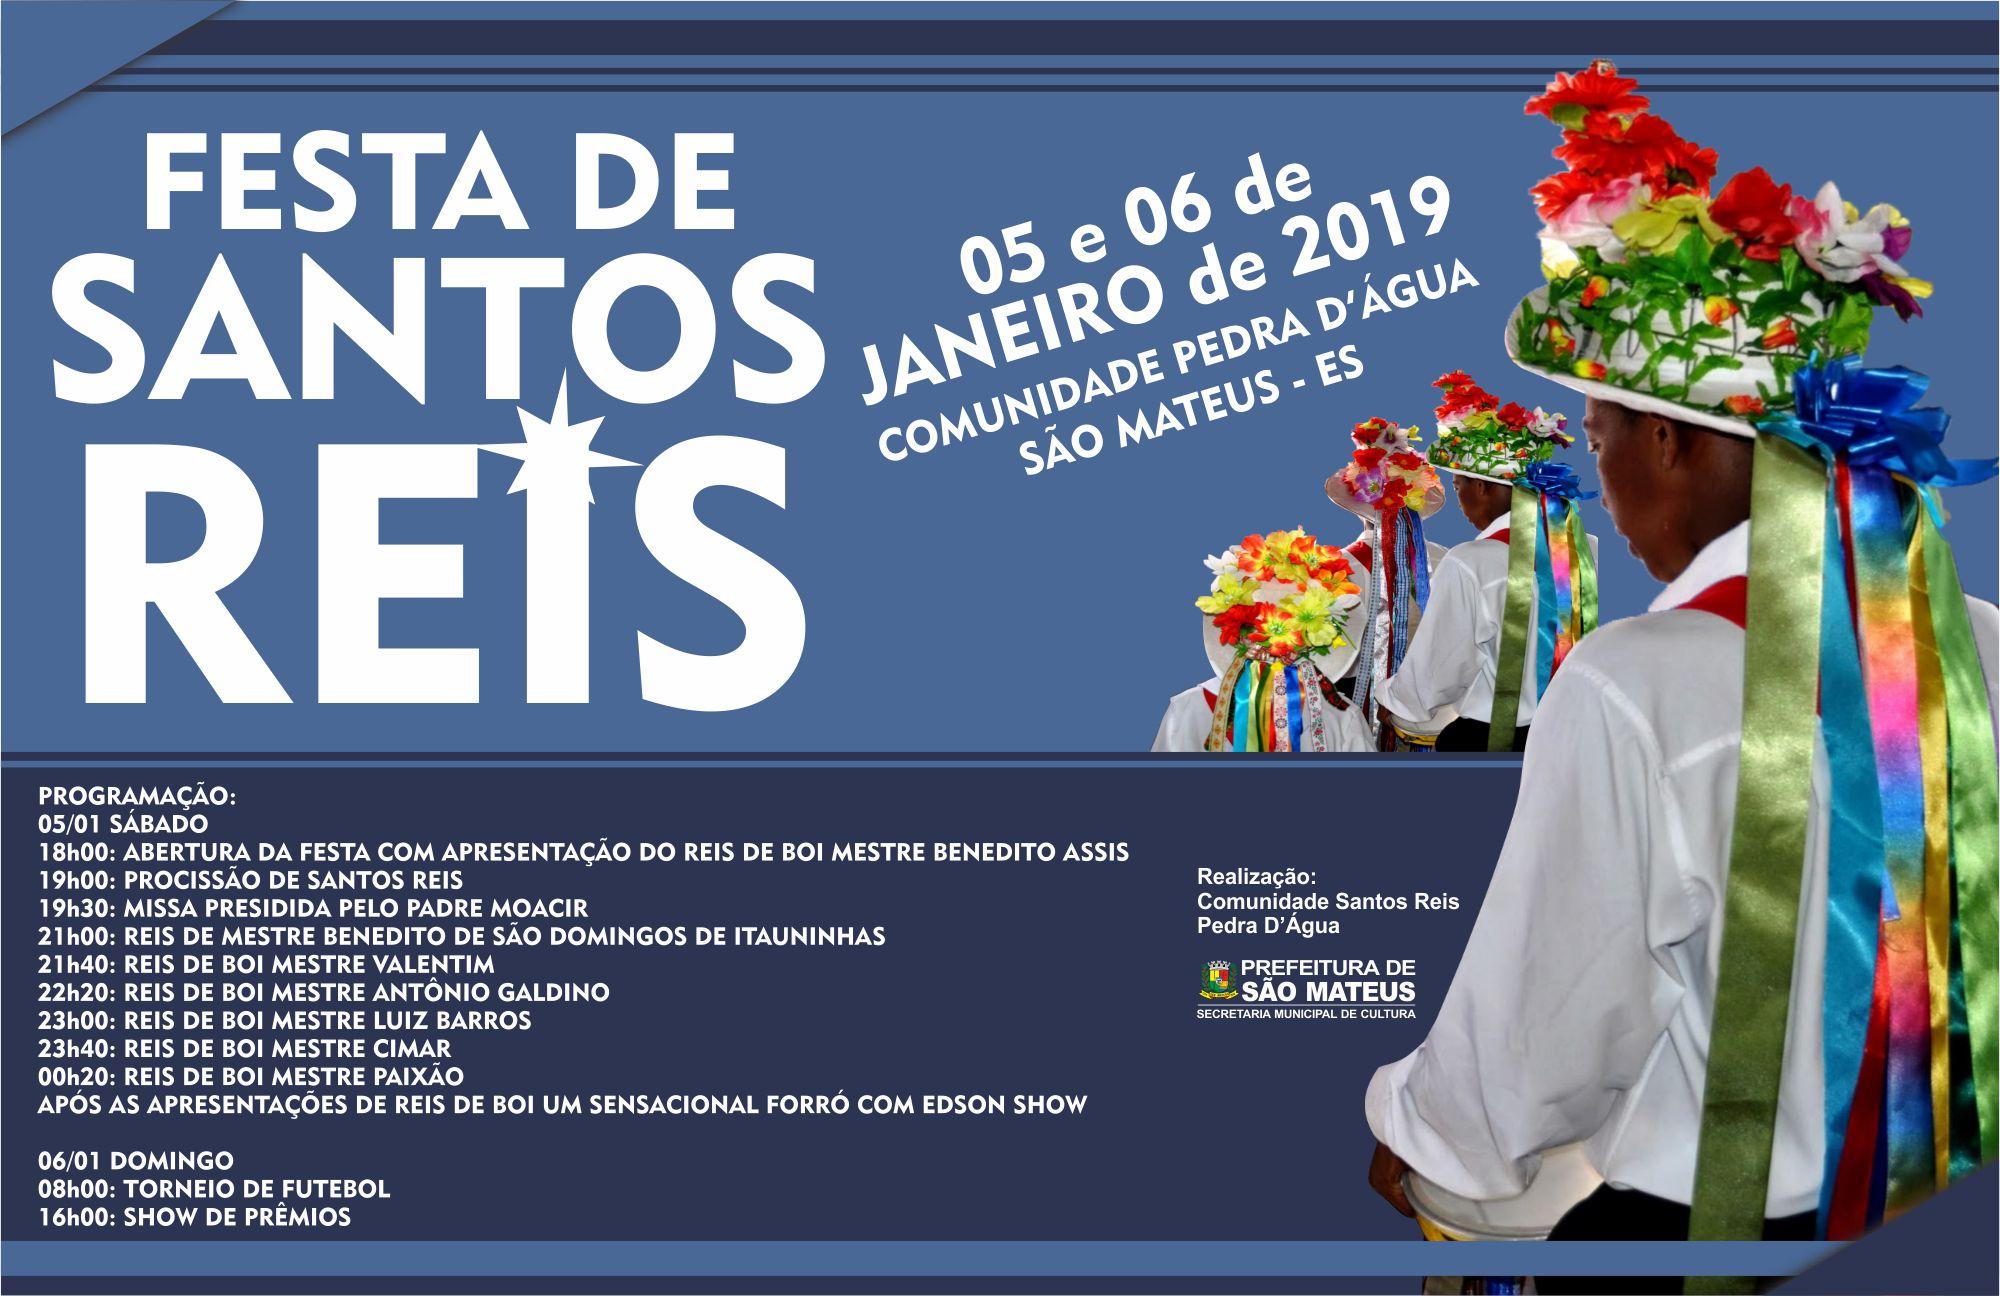 Tradicional Festa de Santos Reis Acontece no primeiro final de semana de 2019